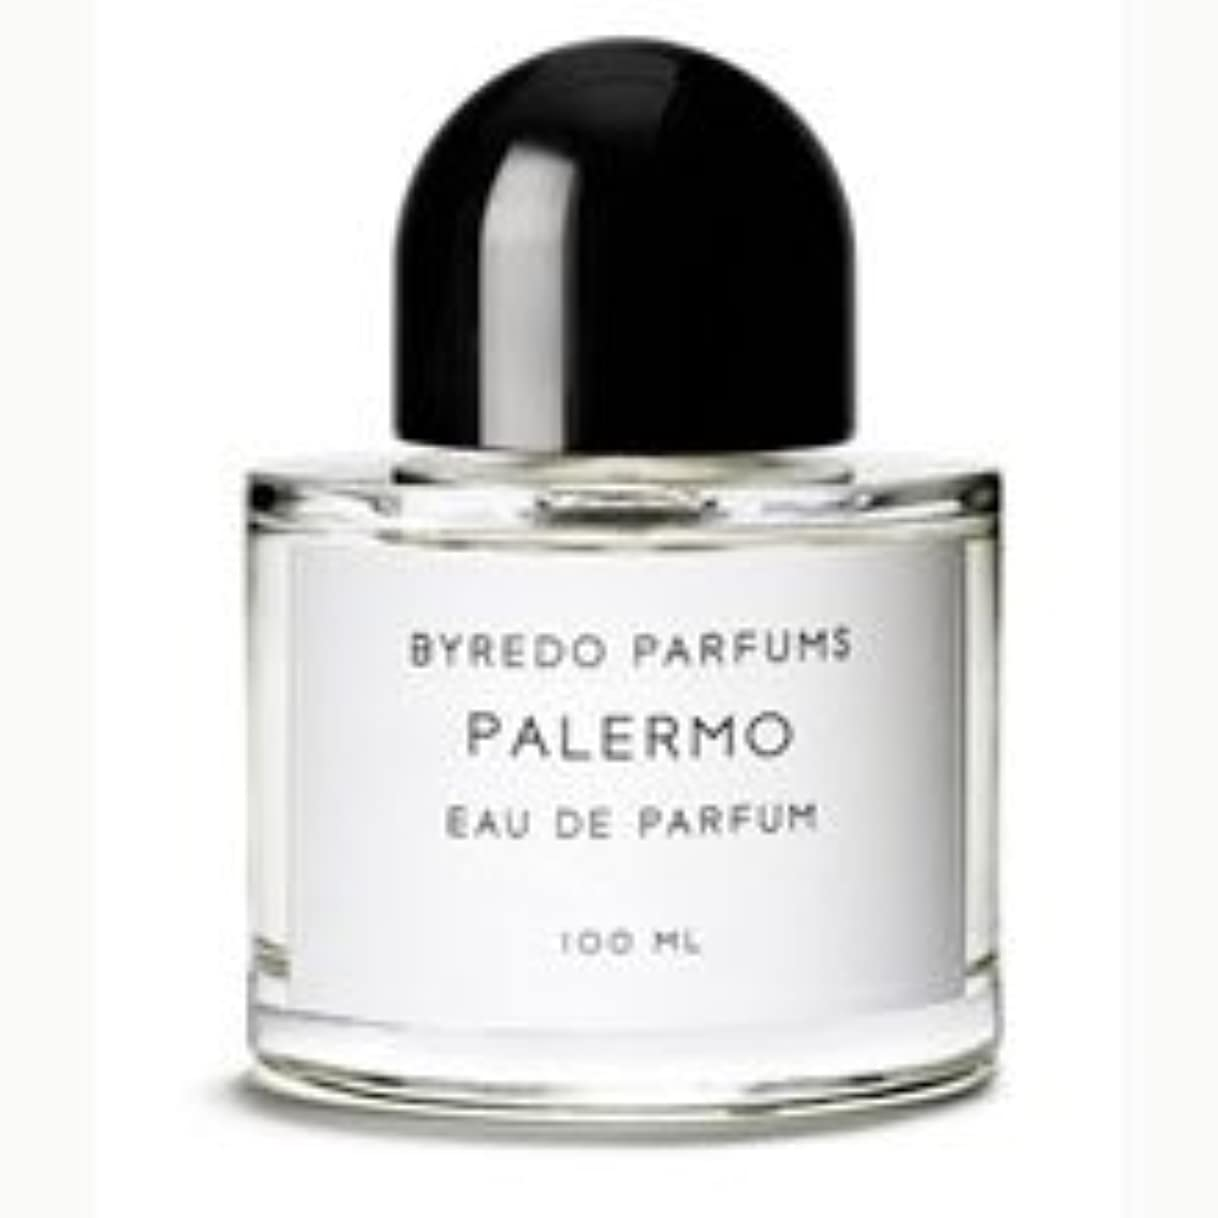 広々としたクーポン勉強するバレード パレルモ オードパルファム 50ml BYREDO PARFUMS PALERMO EDP [並行輸入品]